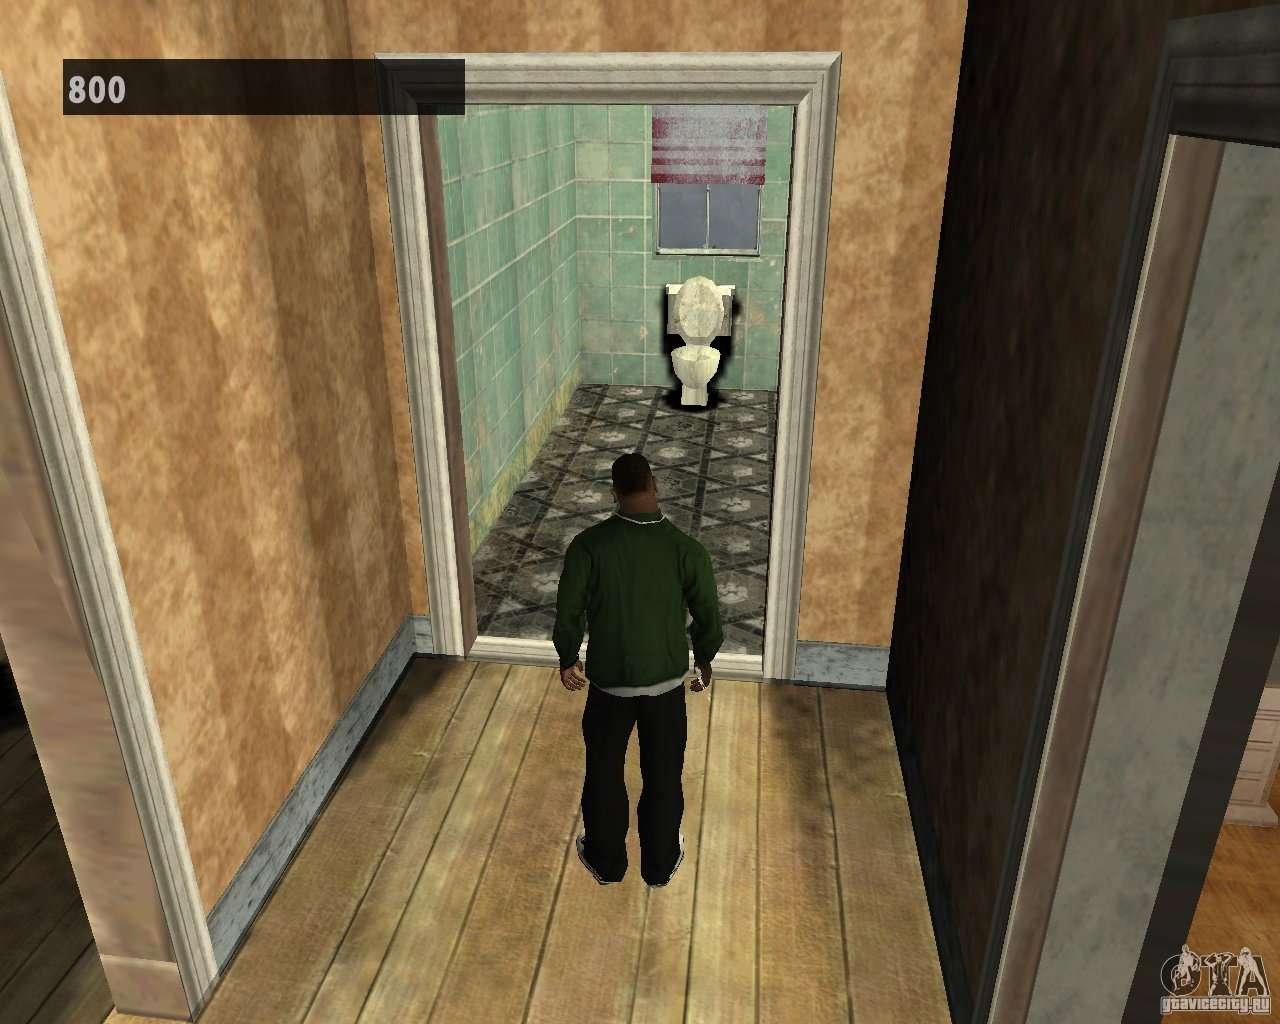 Hidden interiors 3 for gta san andreas for Gta sa plane interior mod